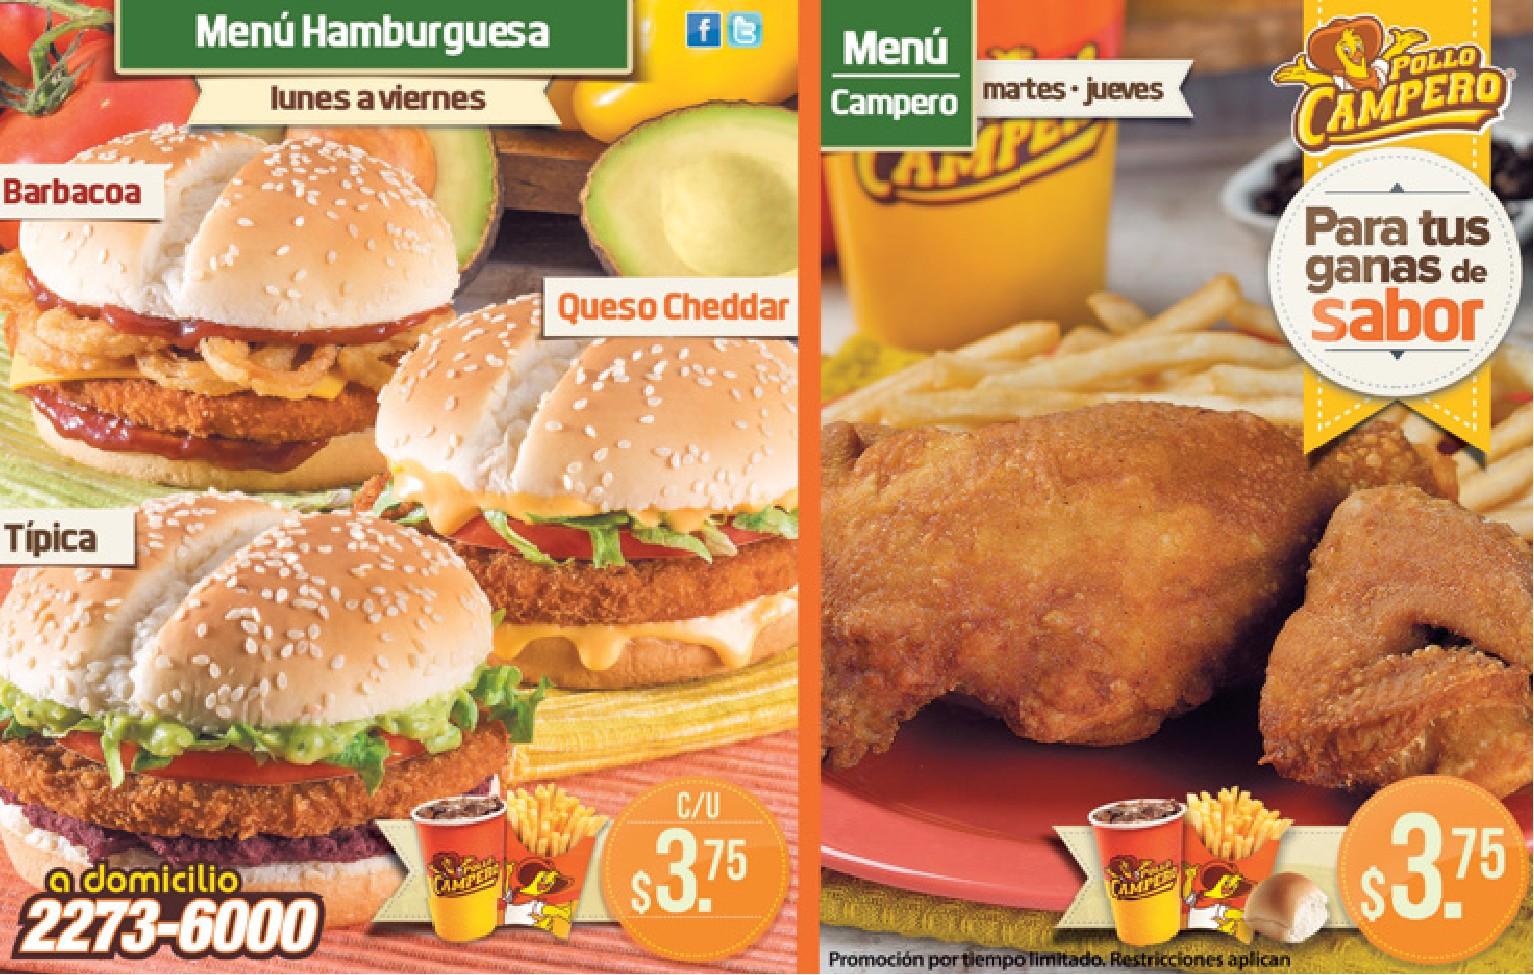 ganas de sabor promociones pollo campero el salvador menus rh ofertasahora com pollo campero el salvador+numero a domicilio pollo campero el salvador a domicilio telefono